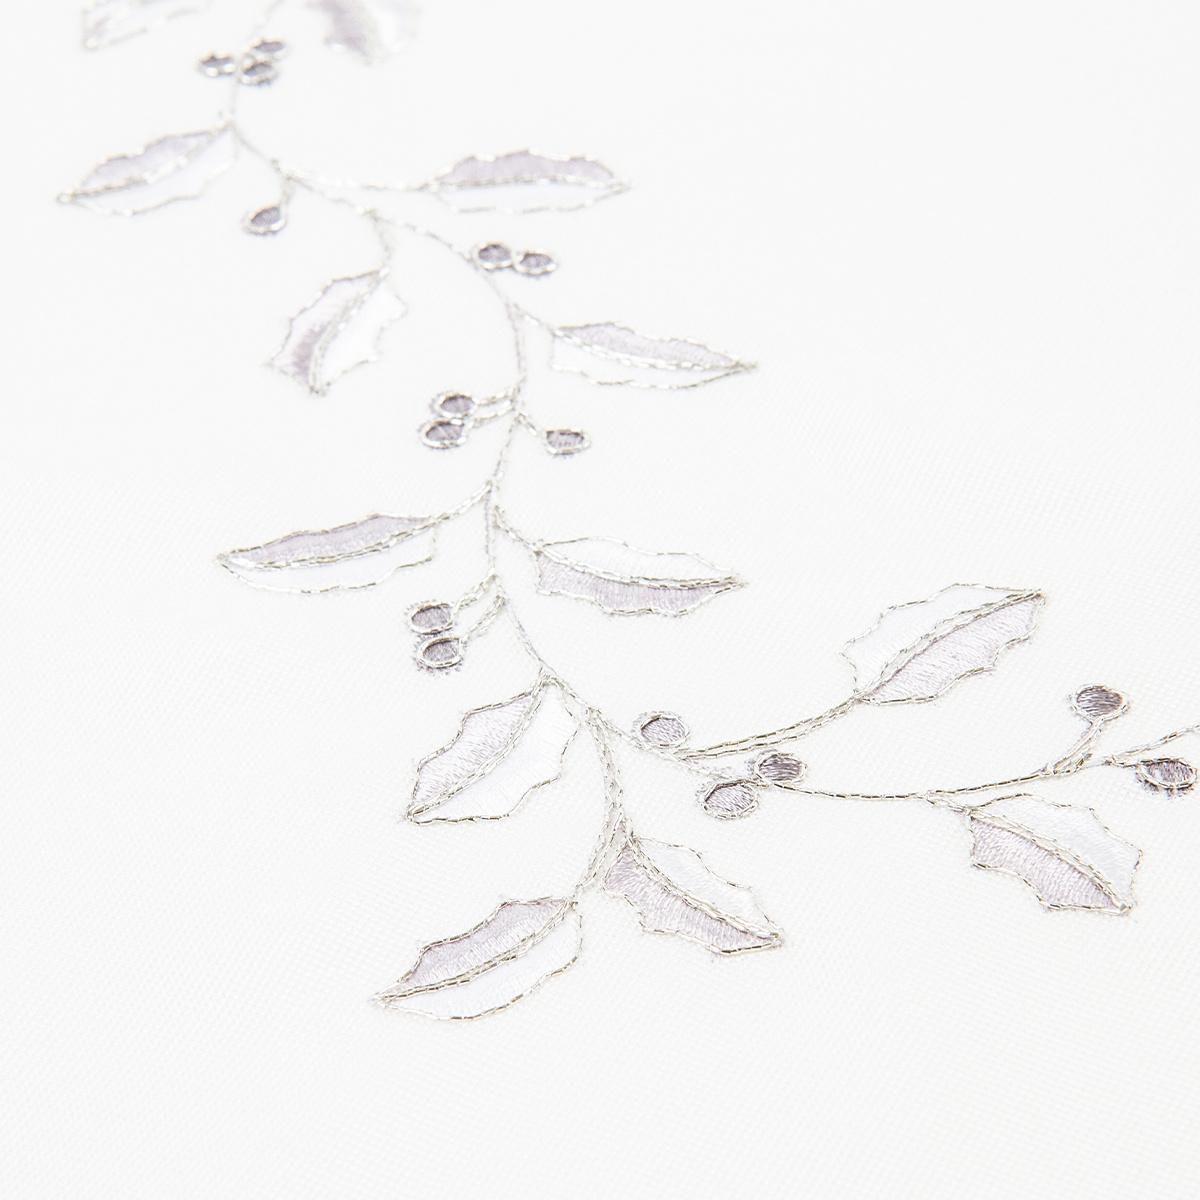 Vánoční ubrus Cesmína bílá, 40 x 90 cm